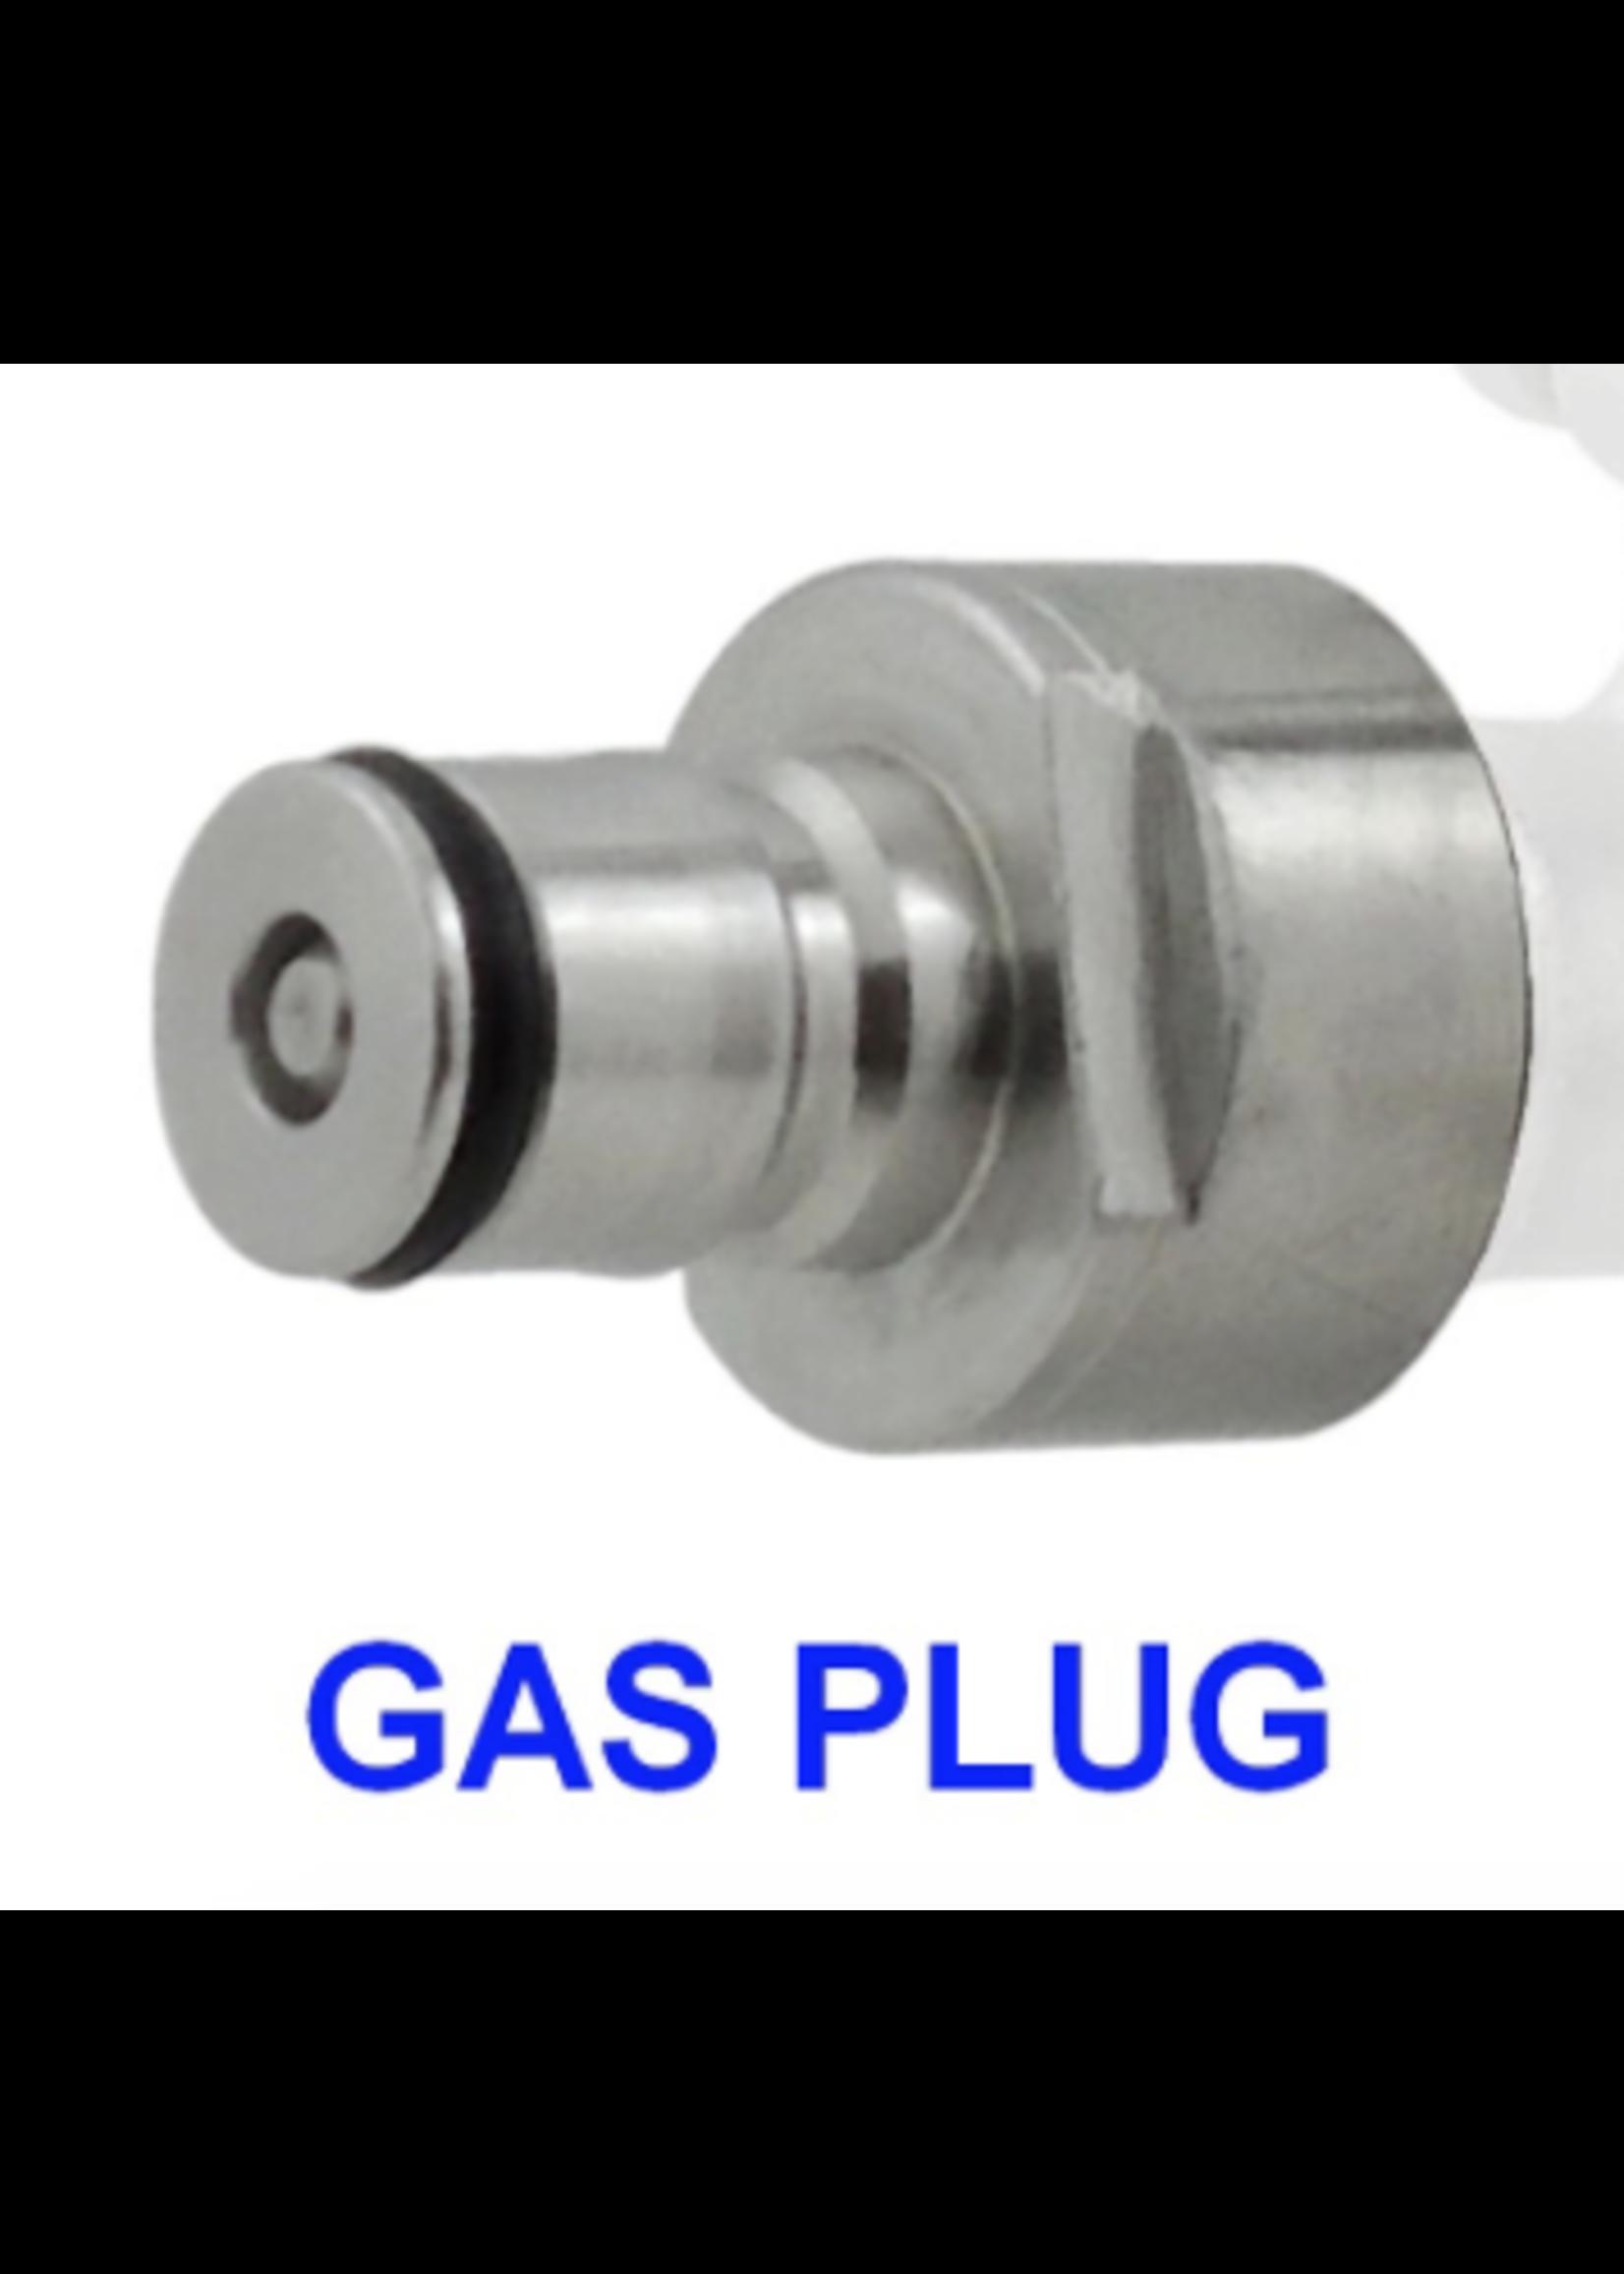 Kegging Keg Coupler Conversion Plug  - Ball Lock - Gas - #B05